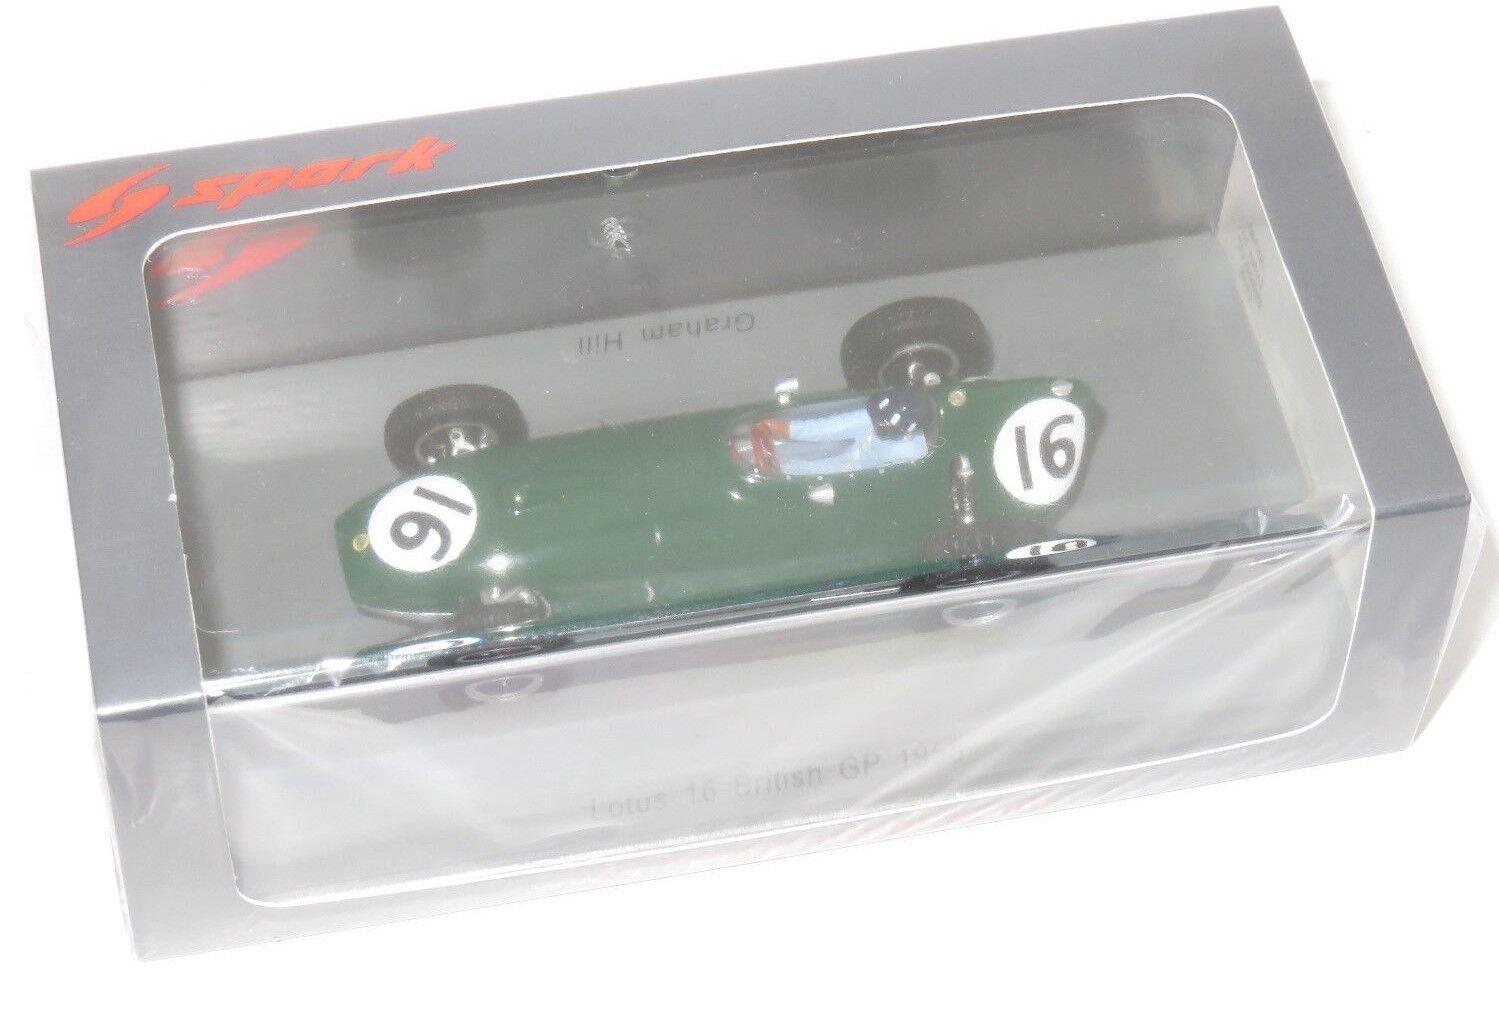 grandi risparmi 1 1 1 43 SPARK modello LOTUS 16 British Gre Prix 1958 Graham Hill  fabbrica diretta